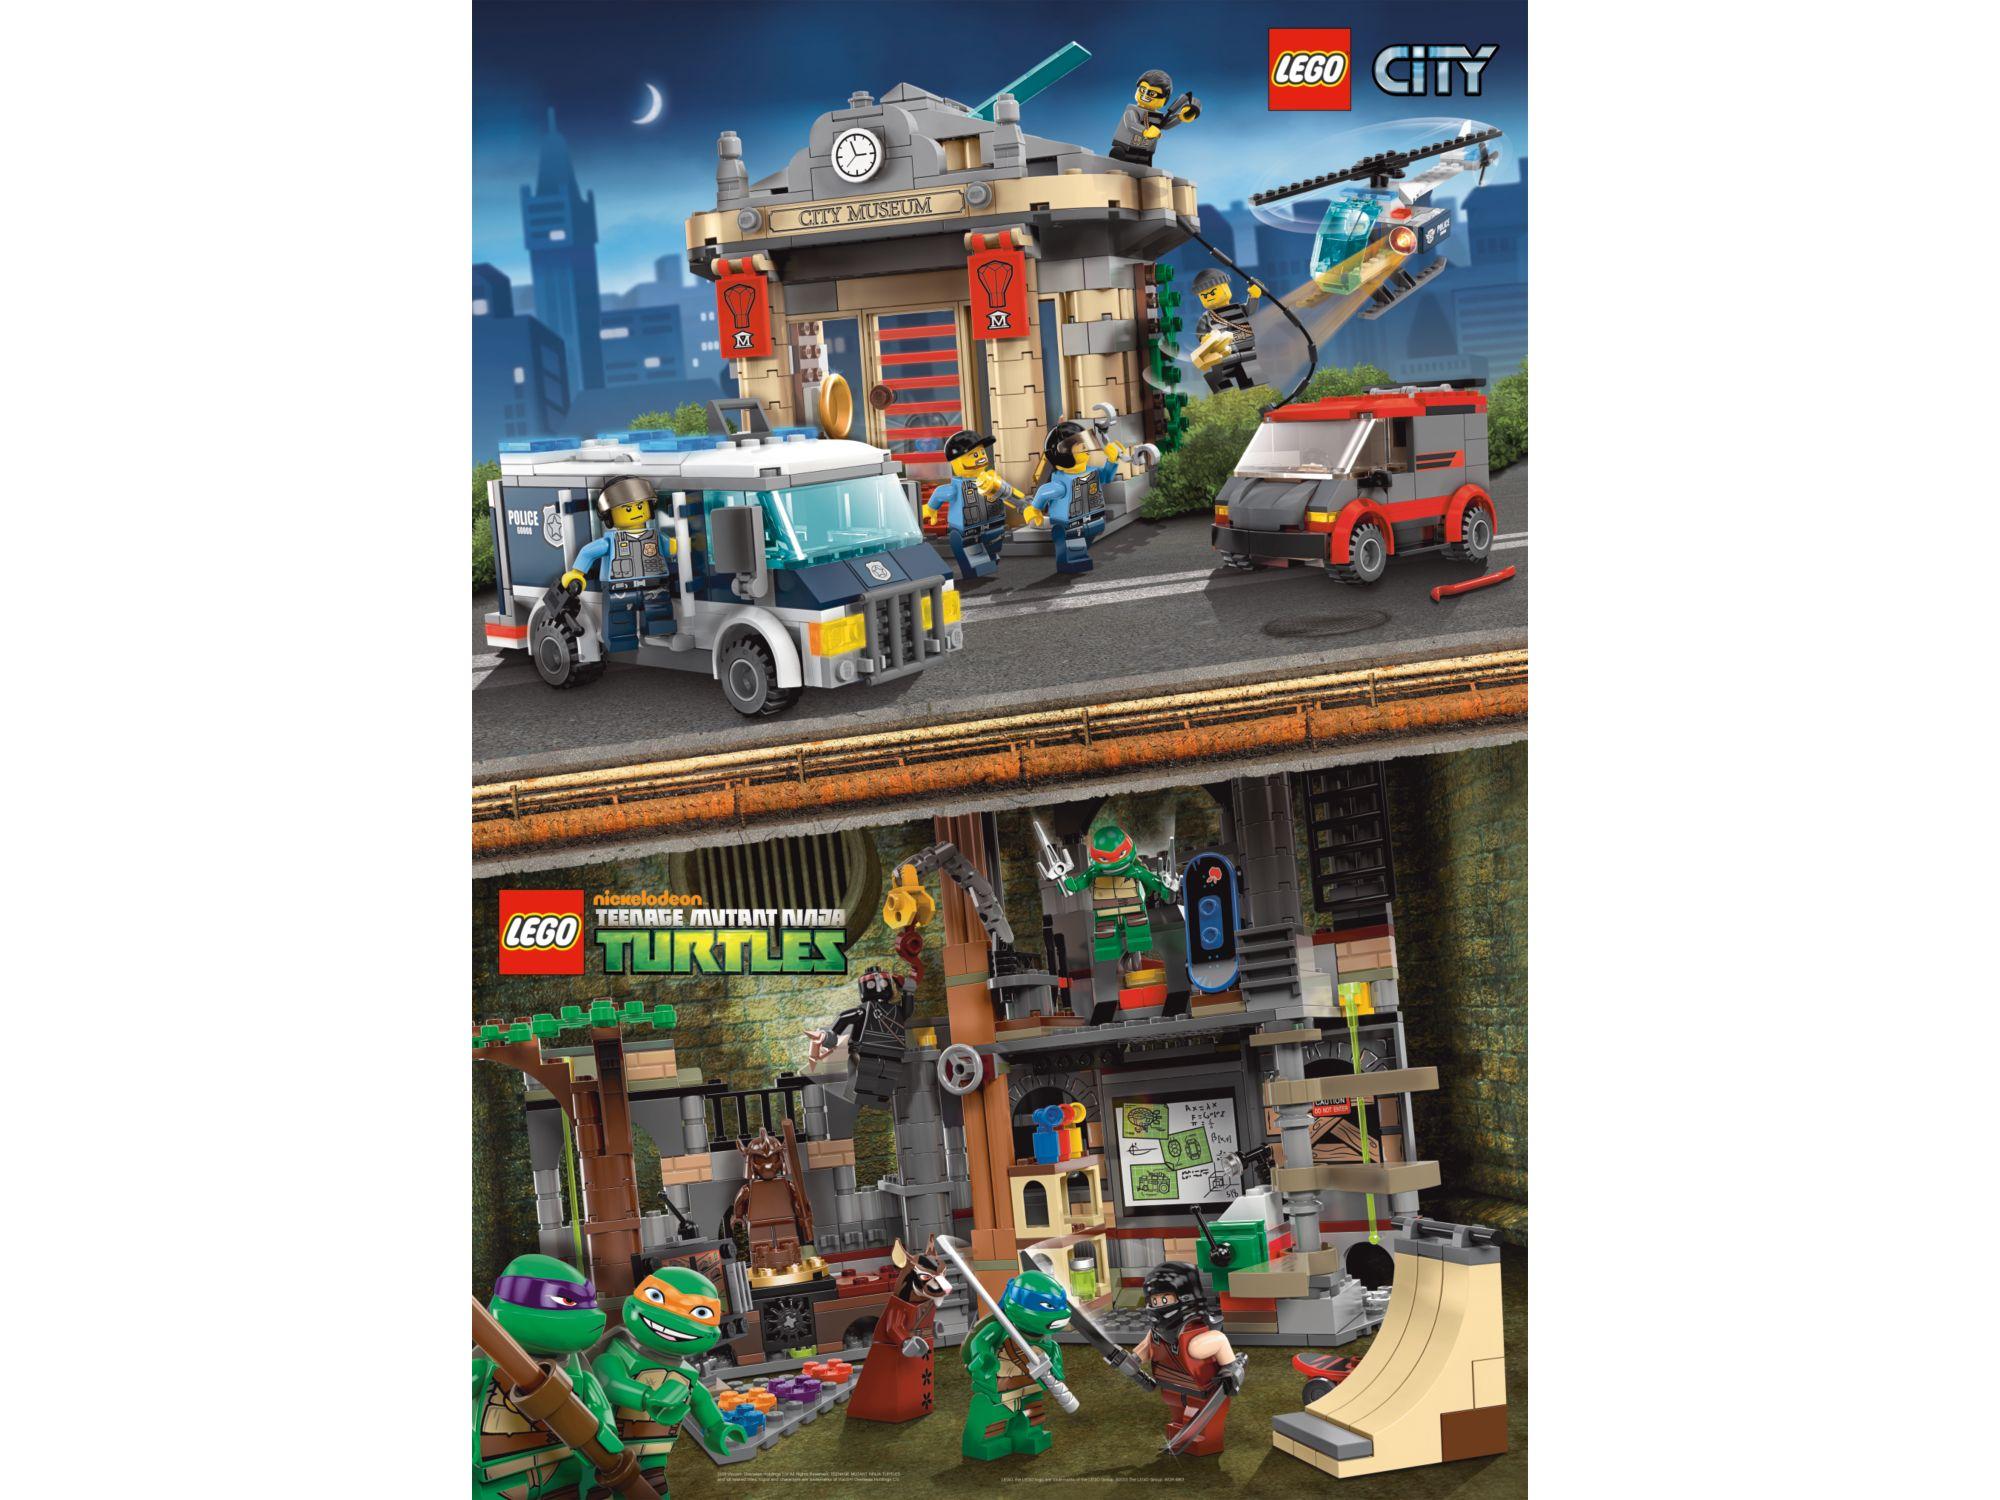 5002445 City Teenage Mutant Ninja Turtles Poster